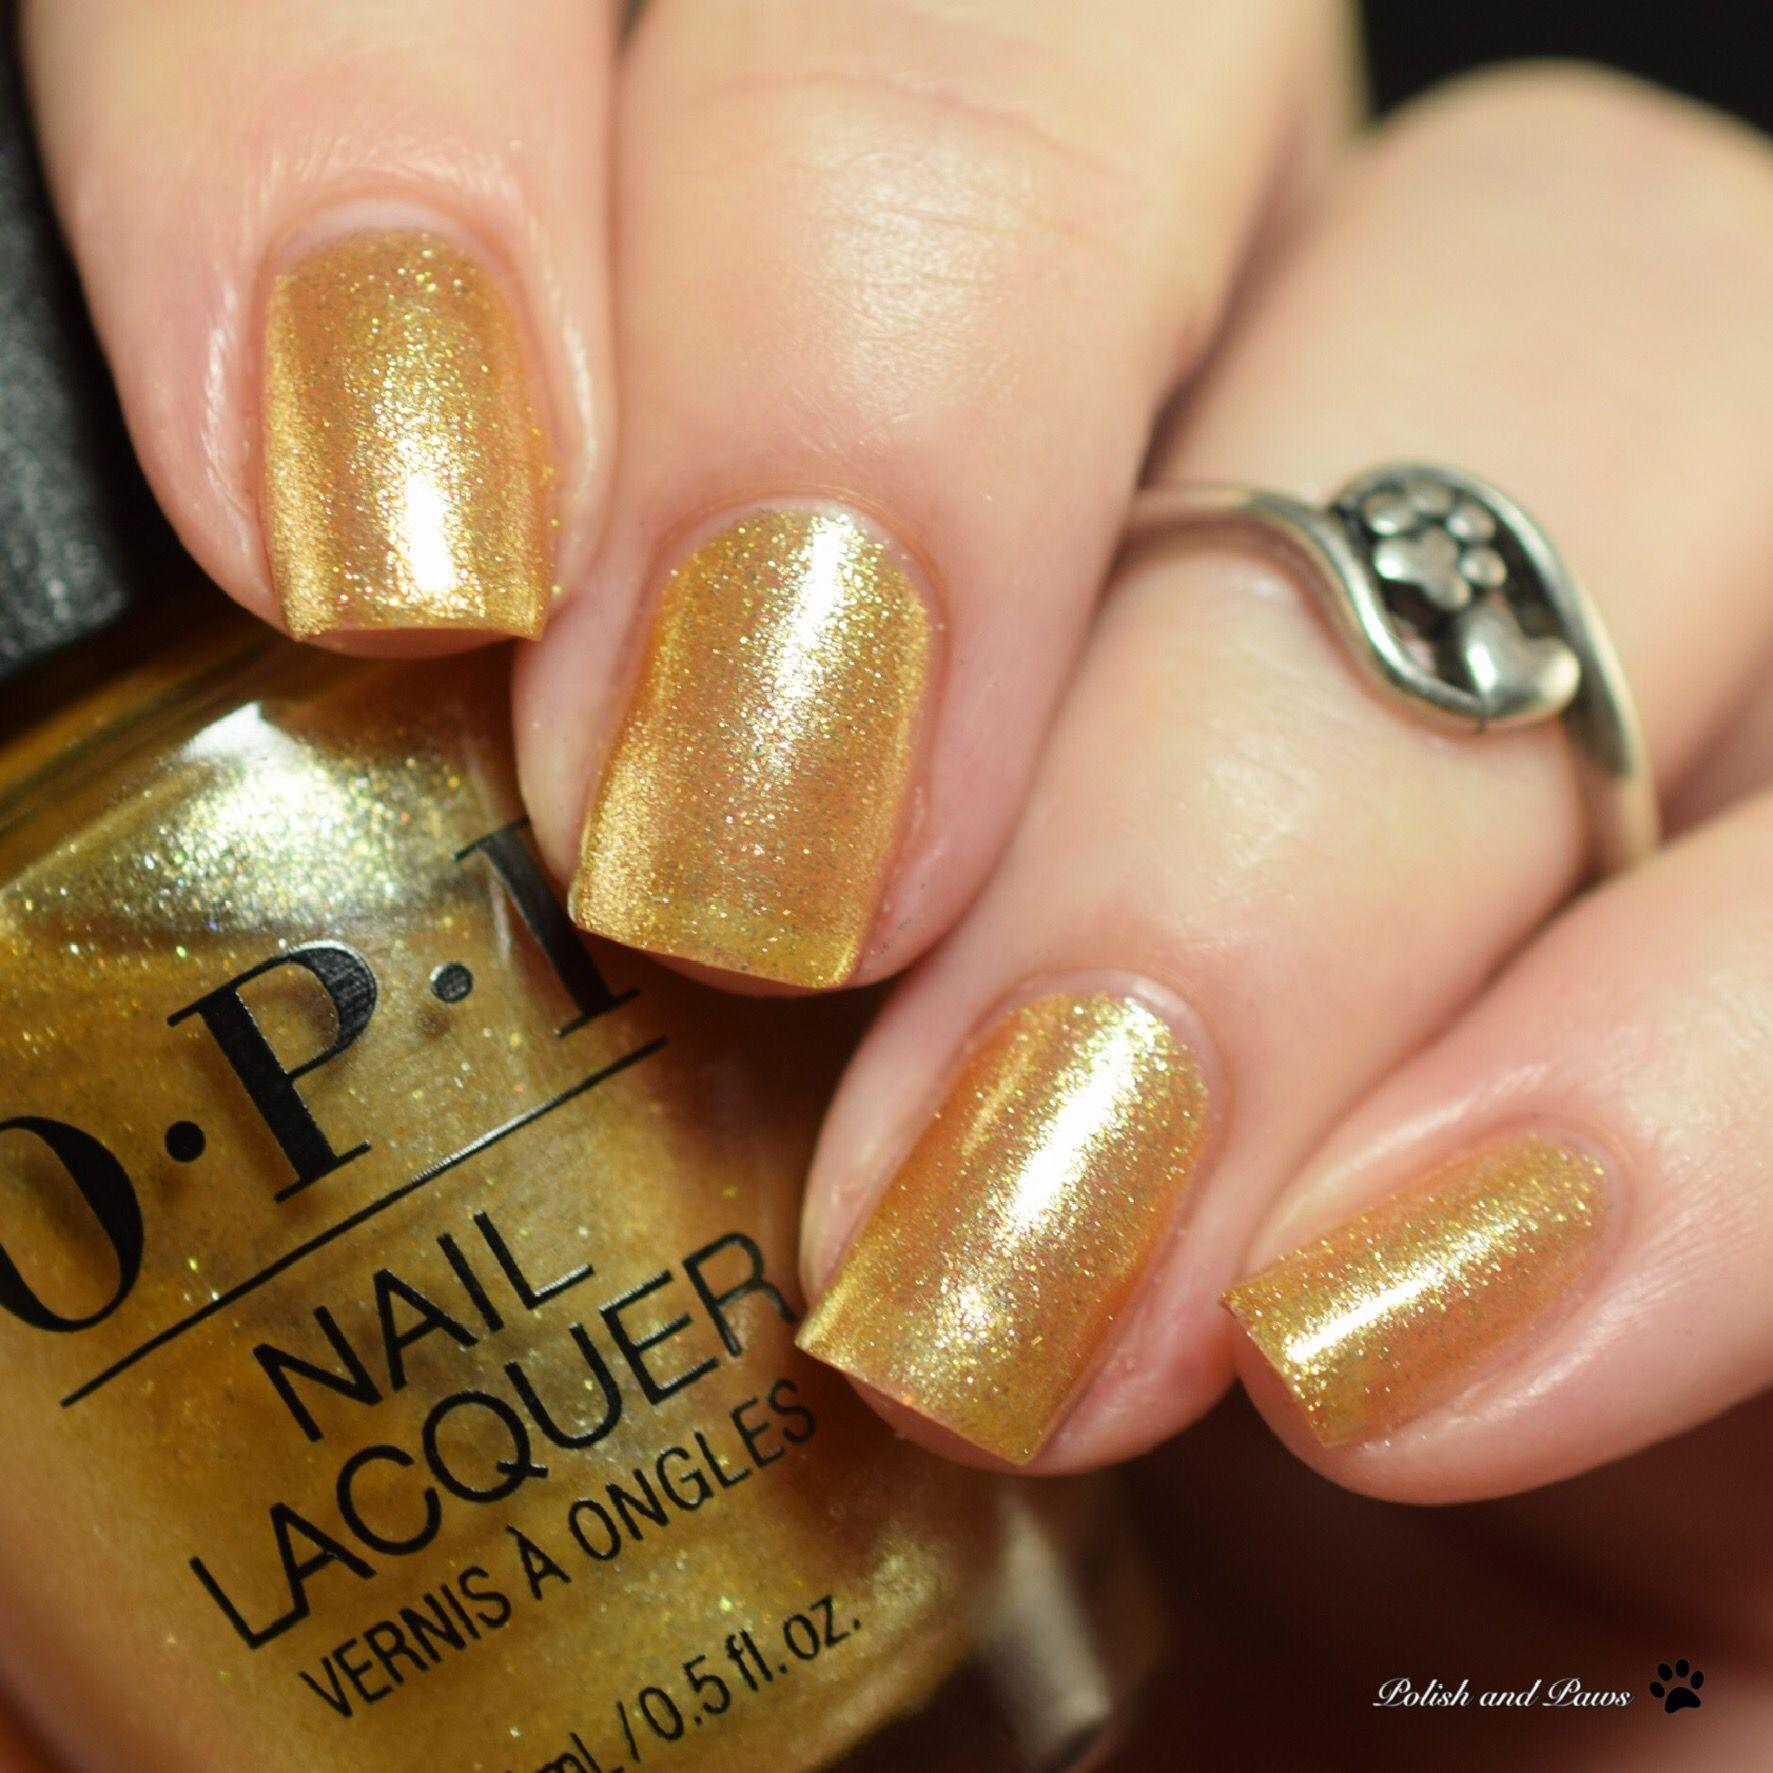 Opi Dazzling Dew Drop Nail Polish Nails Opi Polish